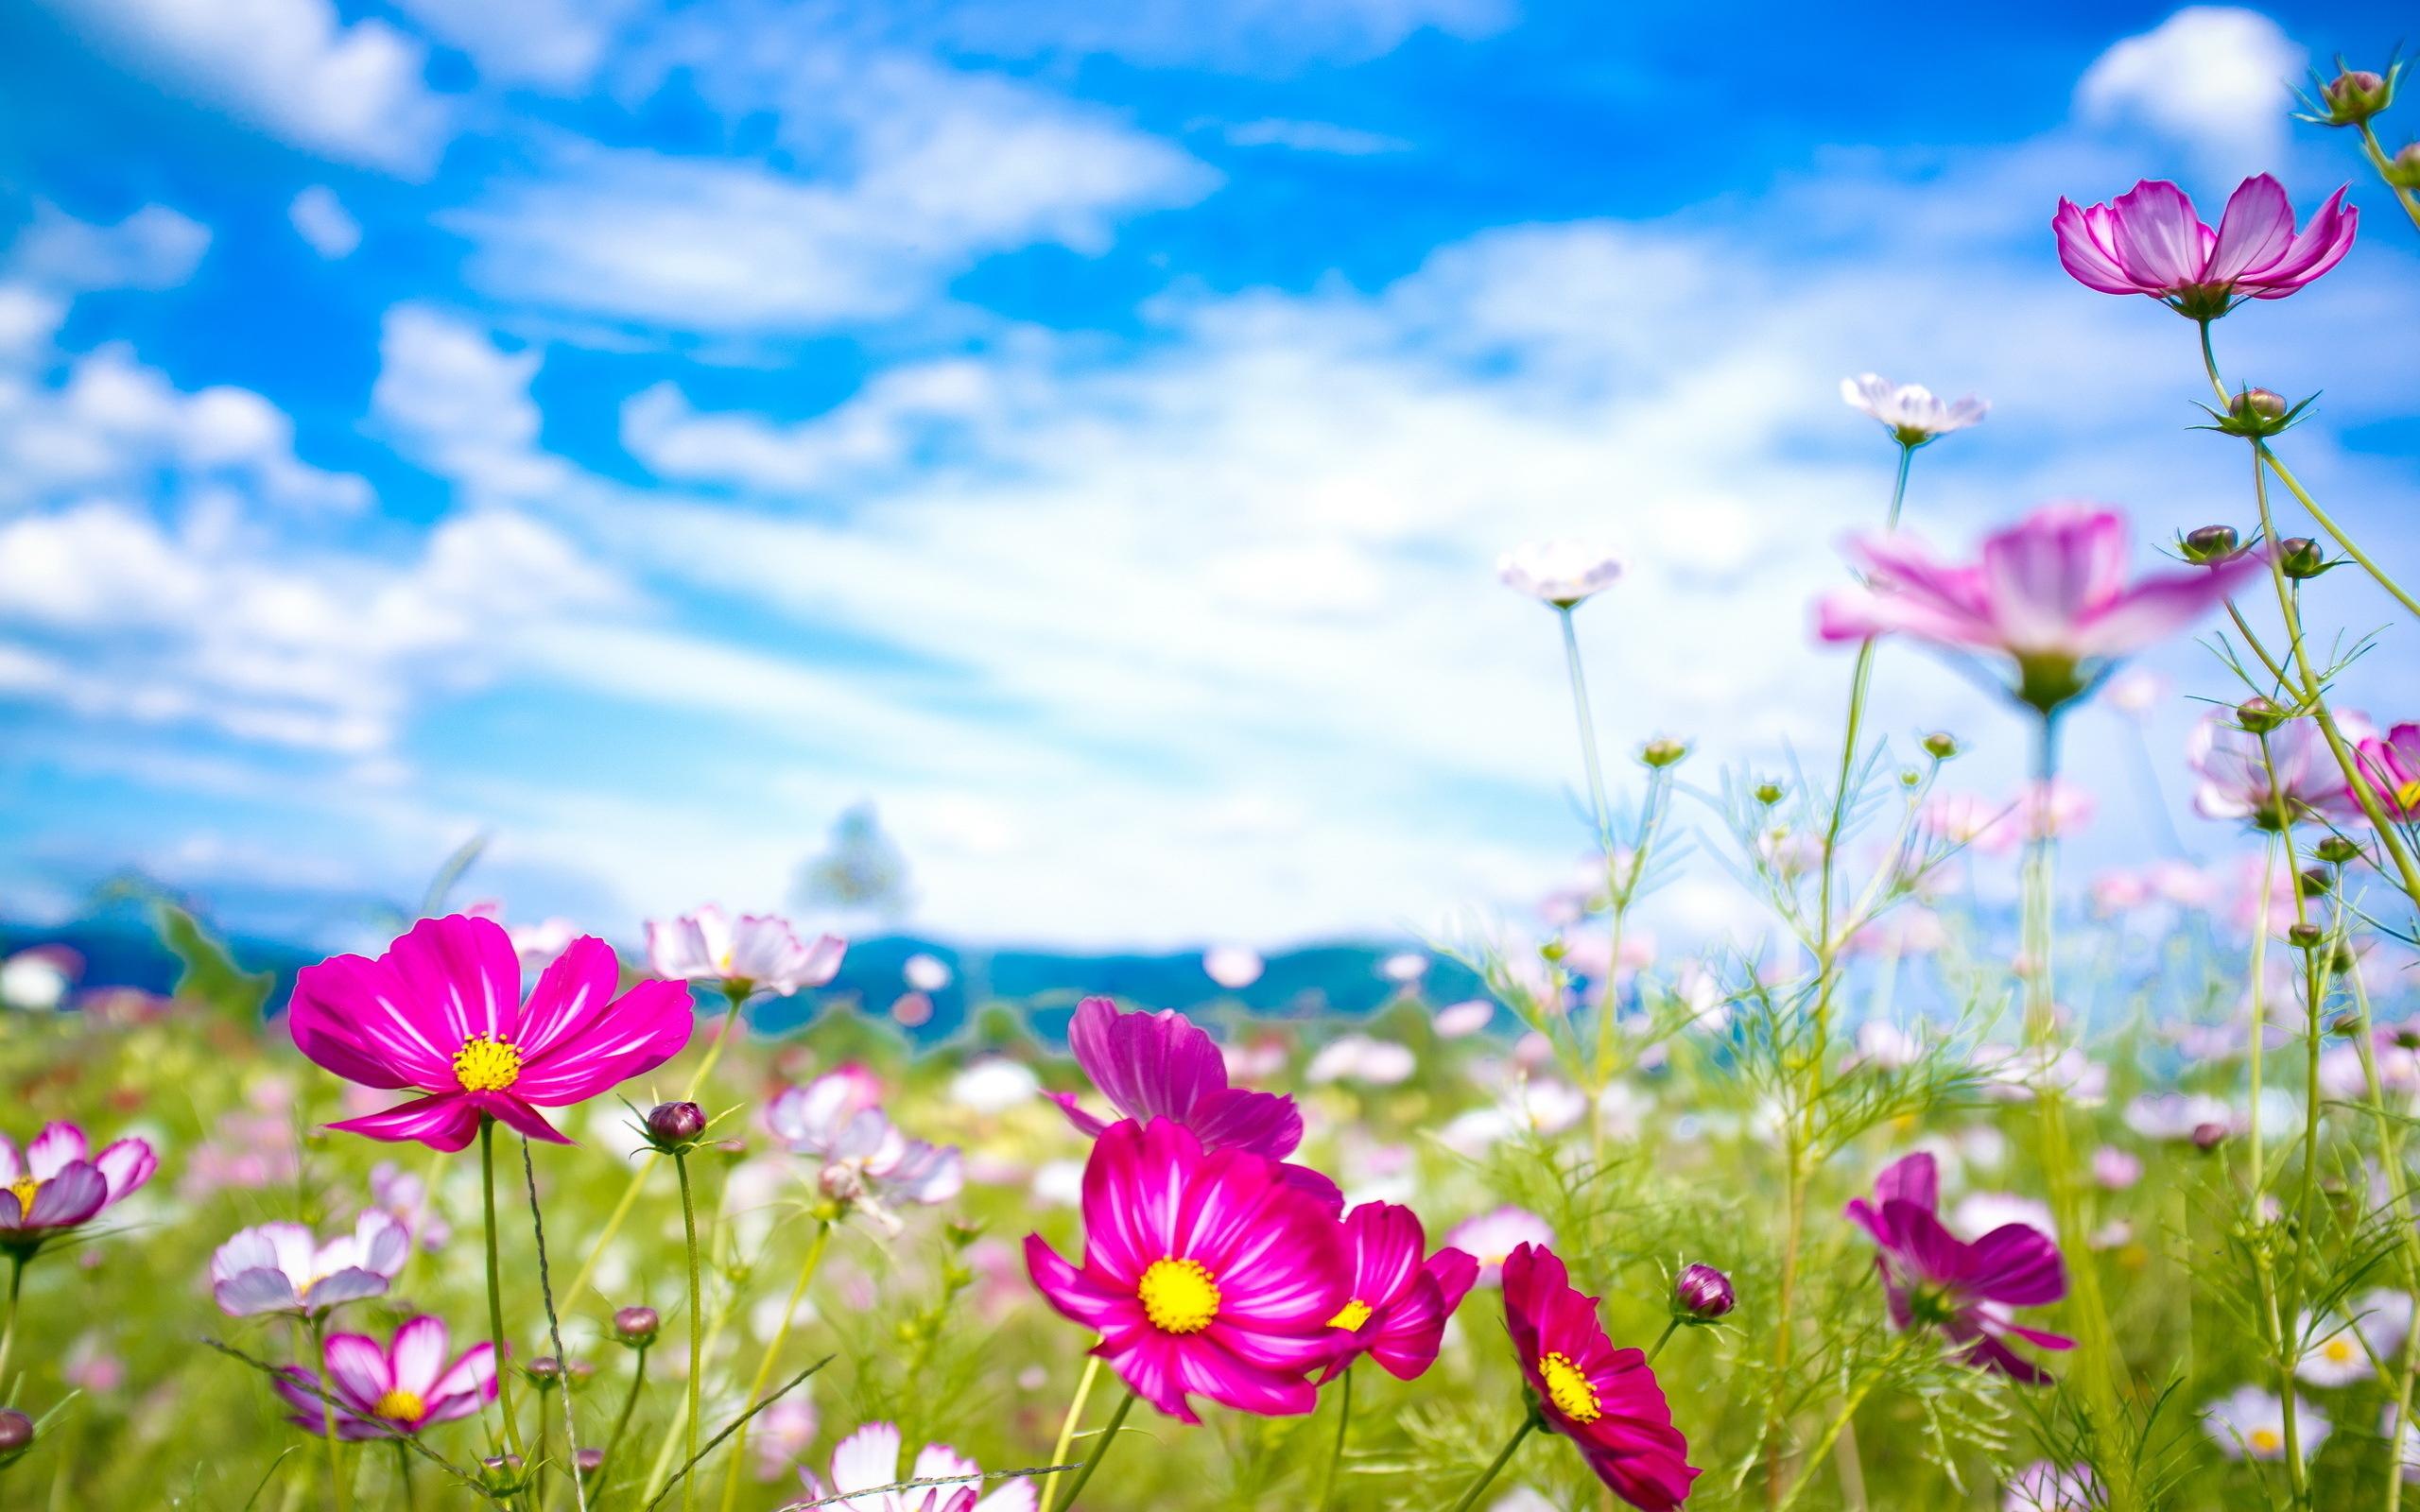 этой обои на рабочий стол лето вода природа цветы всем этим